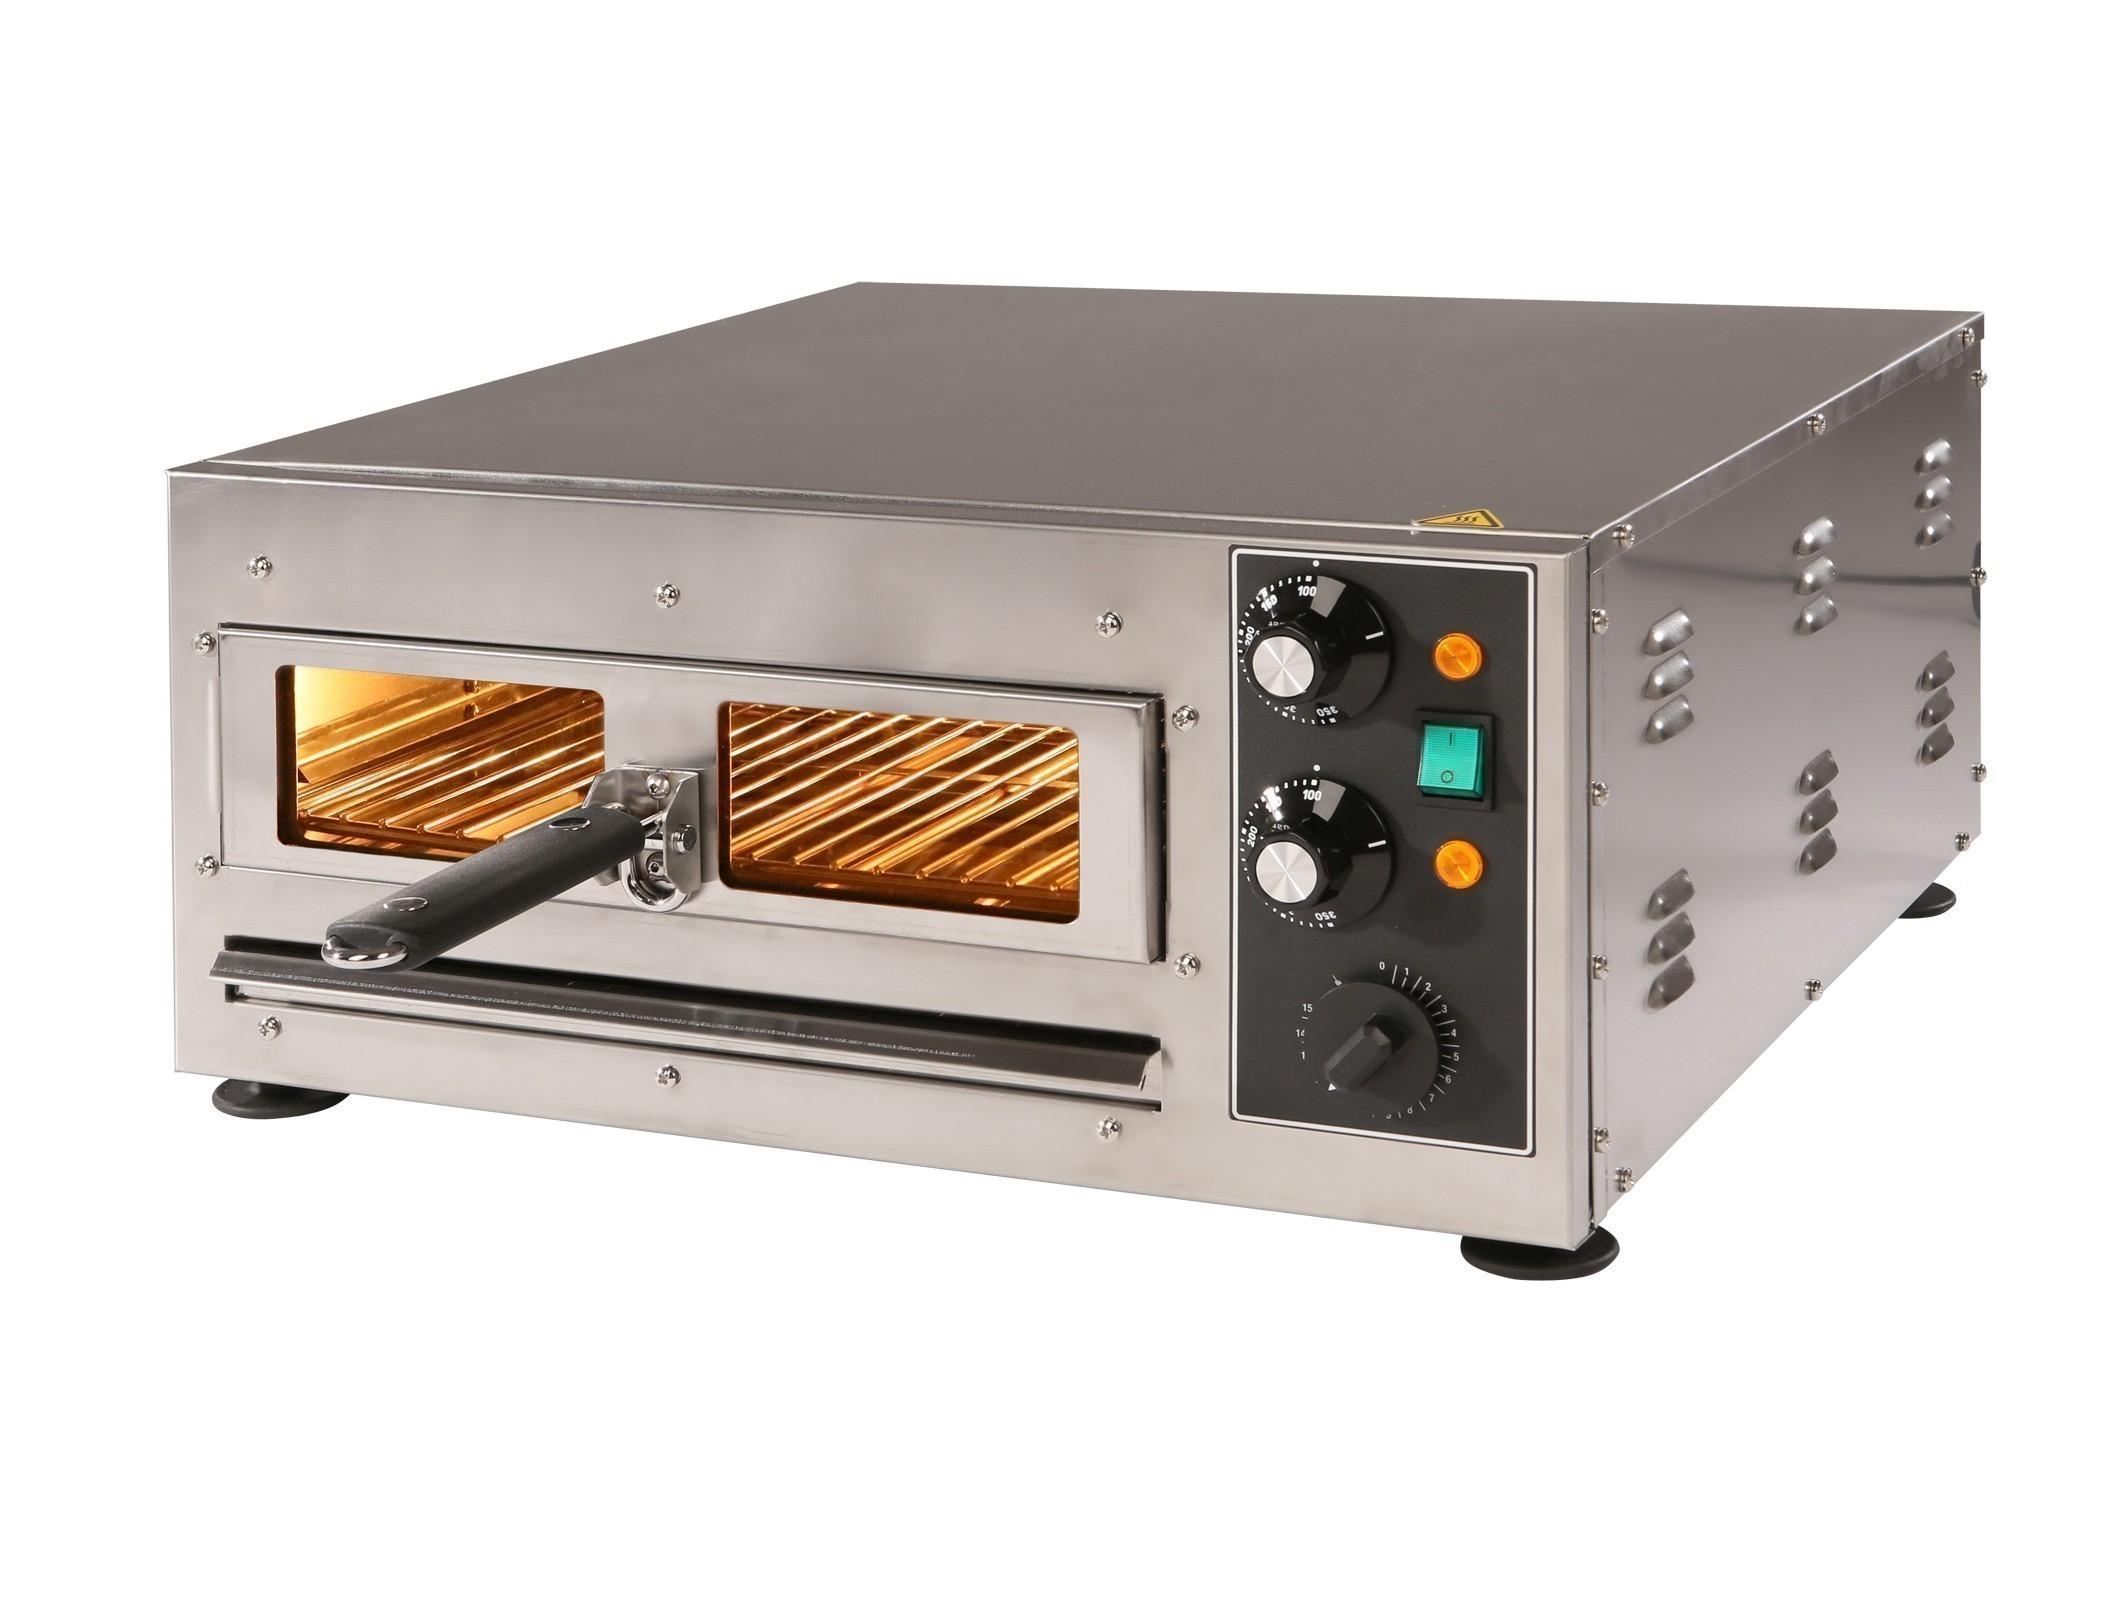 Pizzaofen / Flammkuchenofen F 134 GE elektrisch 230V 2kW Bild 1